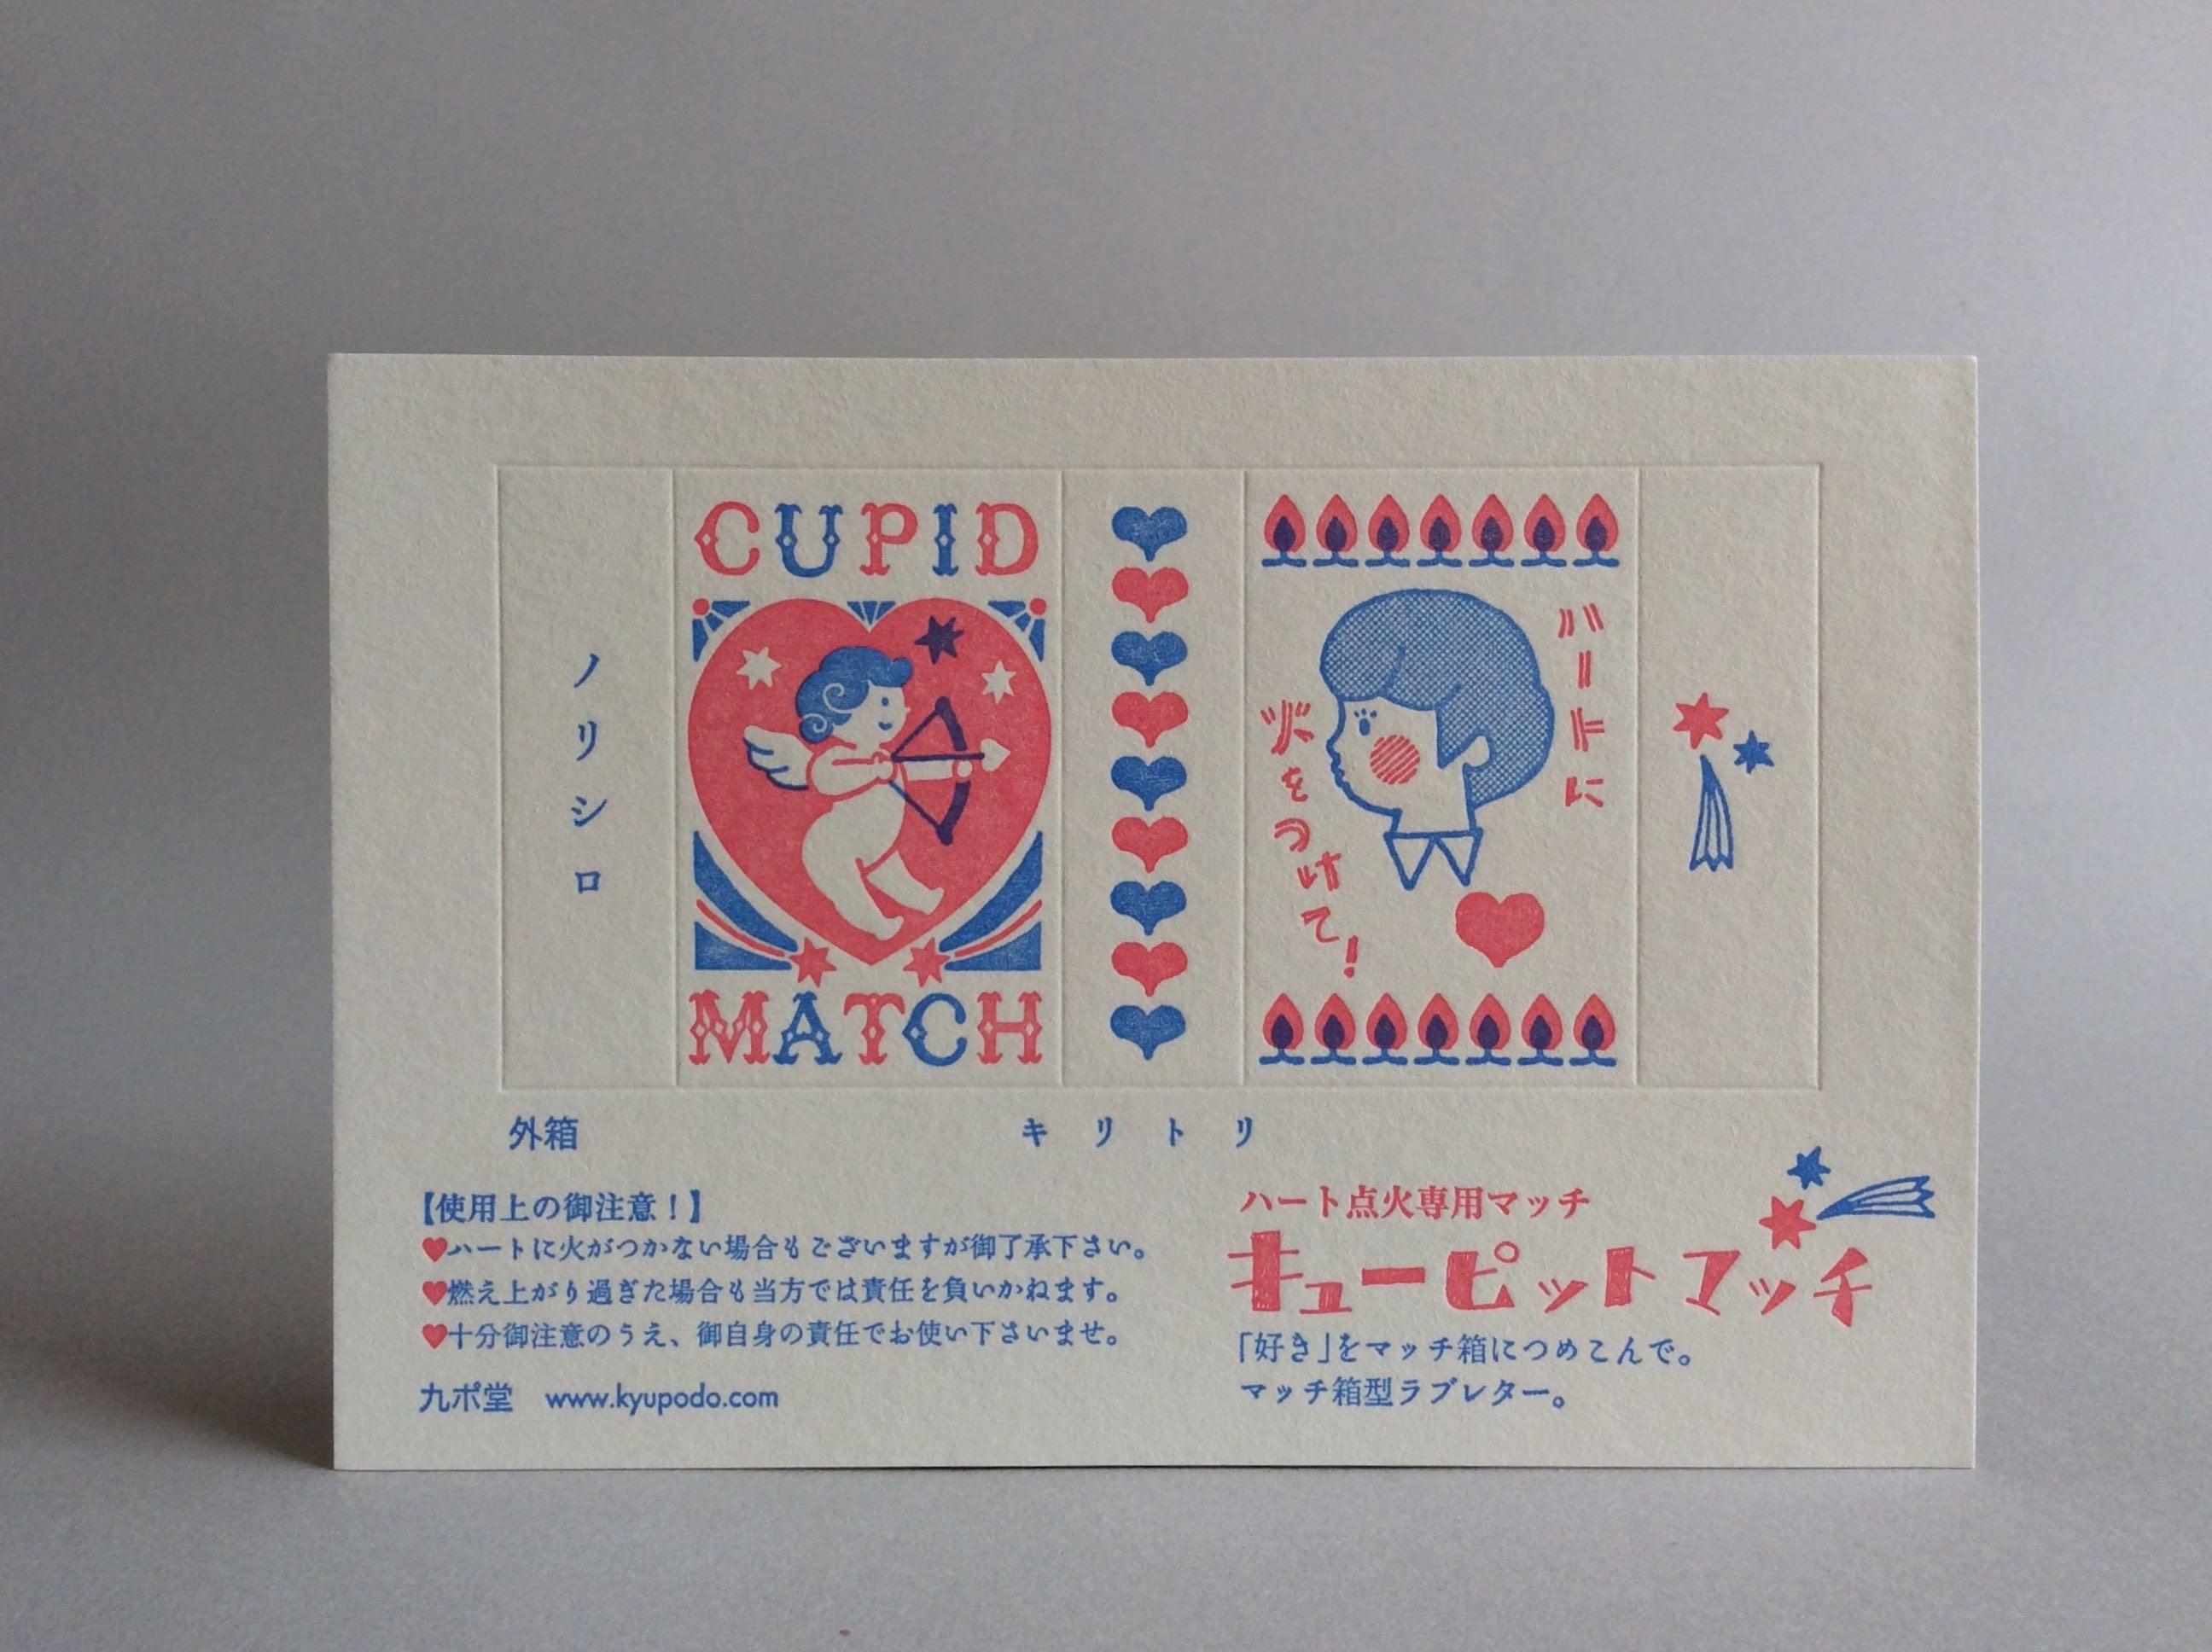 レターマッチ・キューピットマッチ